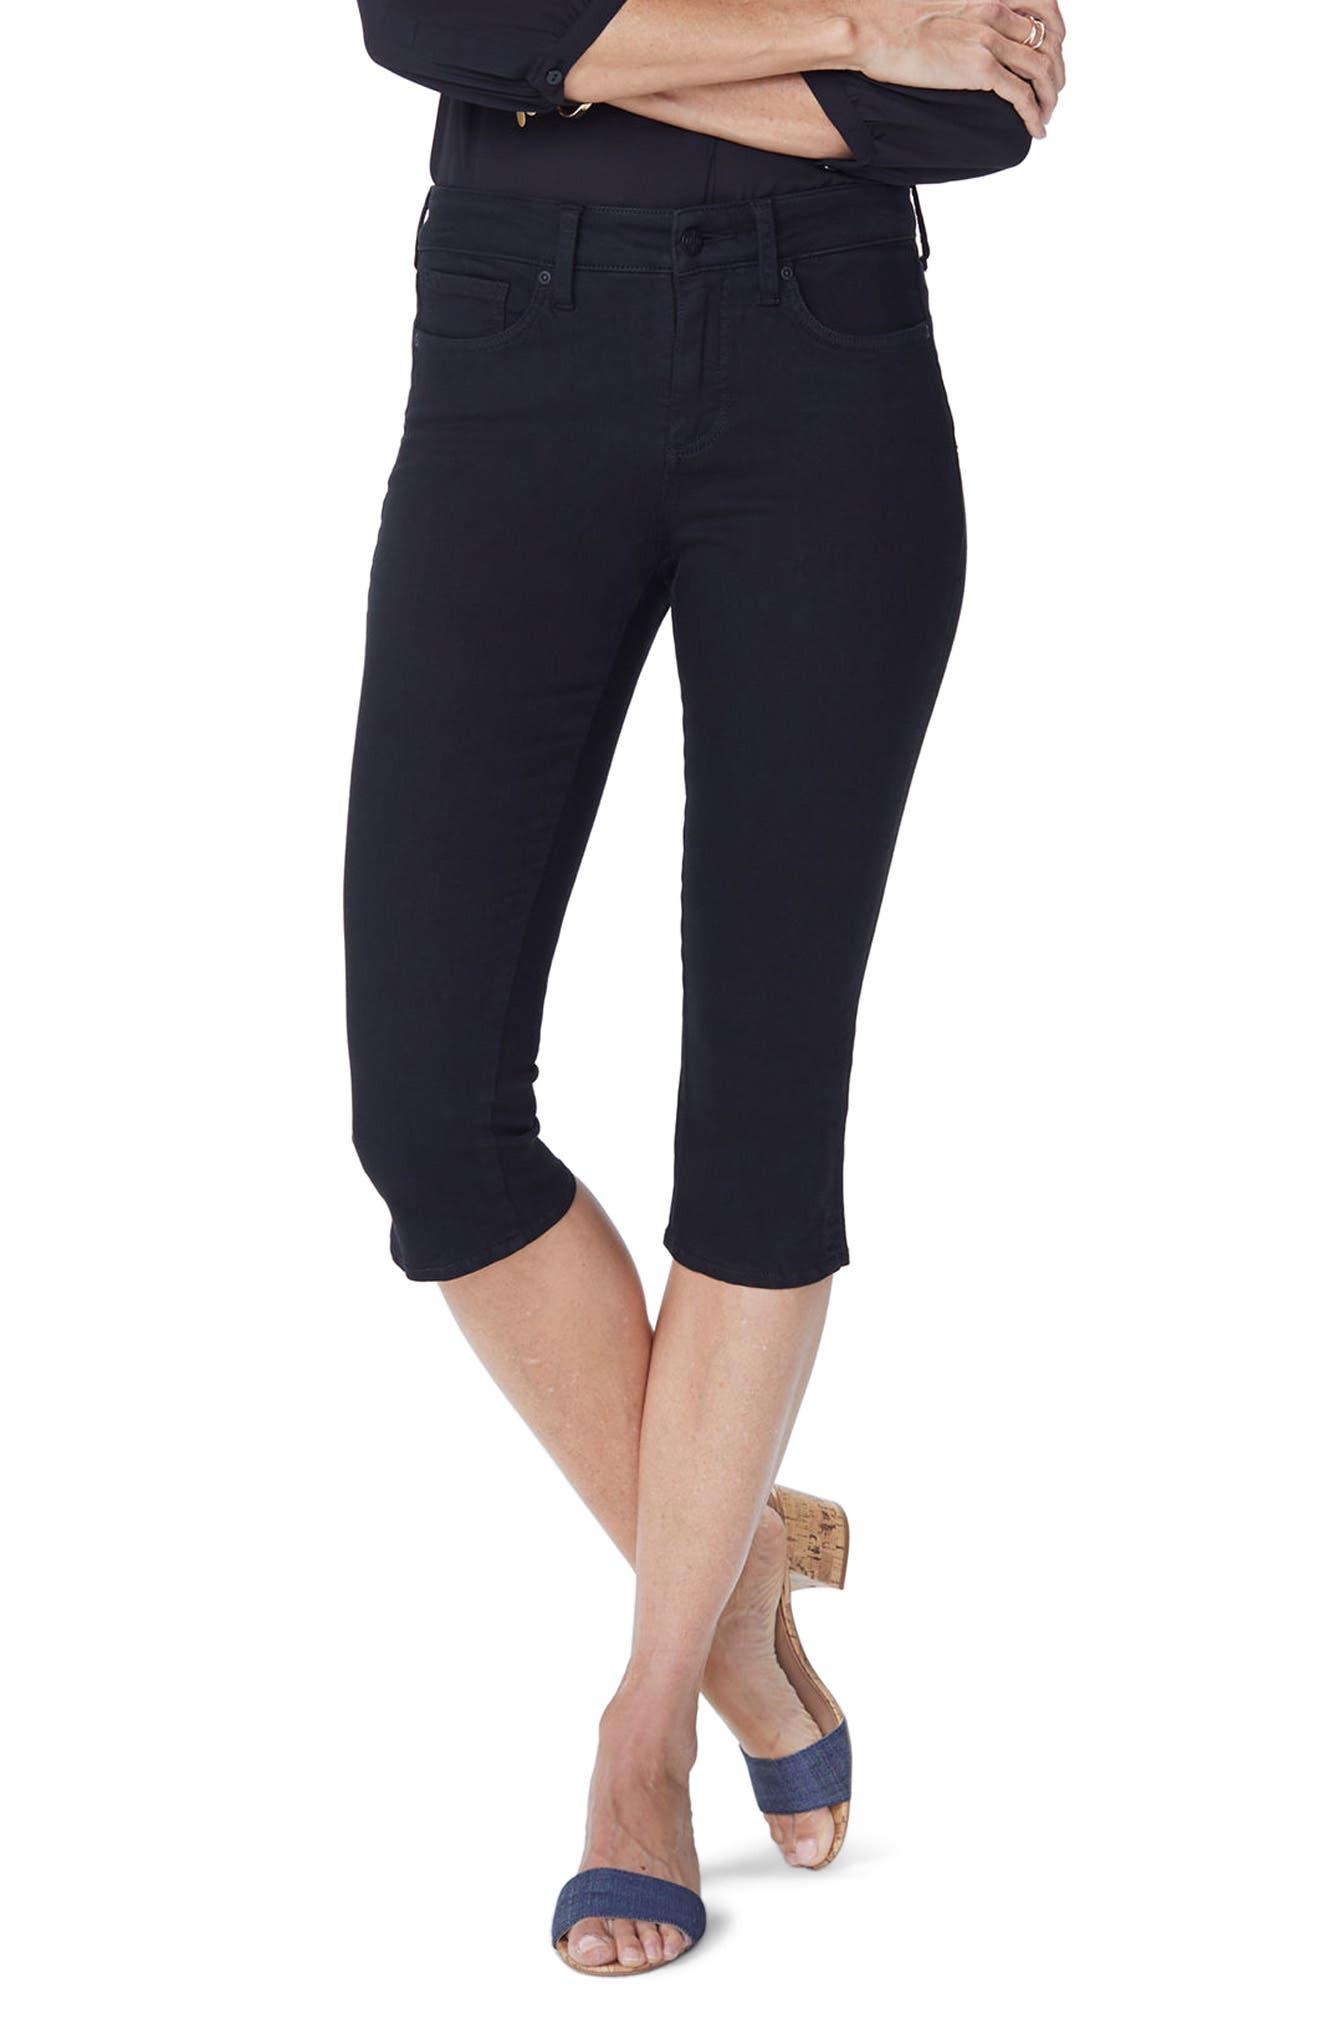 Nydj Skinny Capri Pants, Black